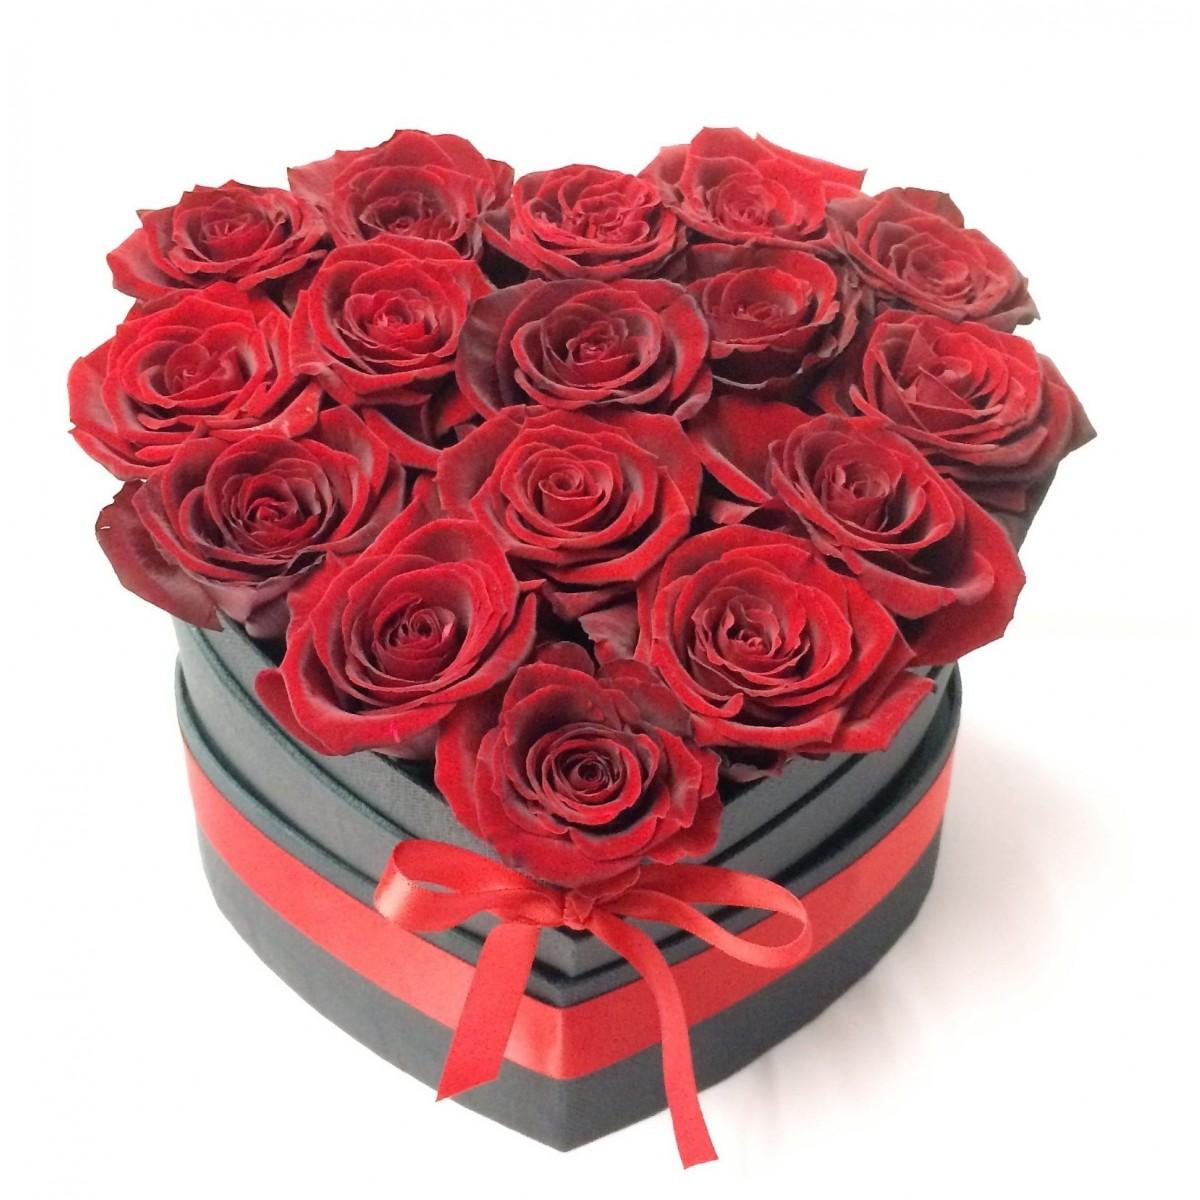 Валентинка - 15 рози от сапун в елегантна черна кутия сърце